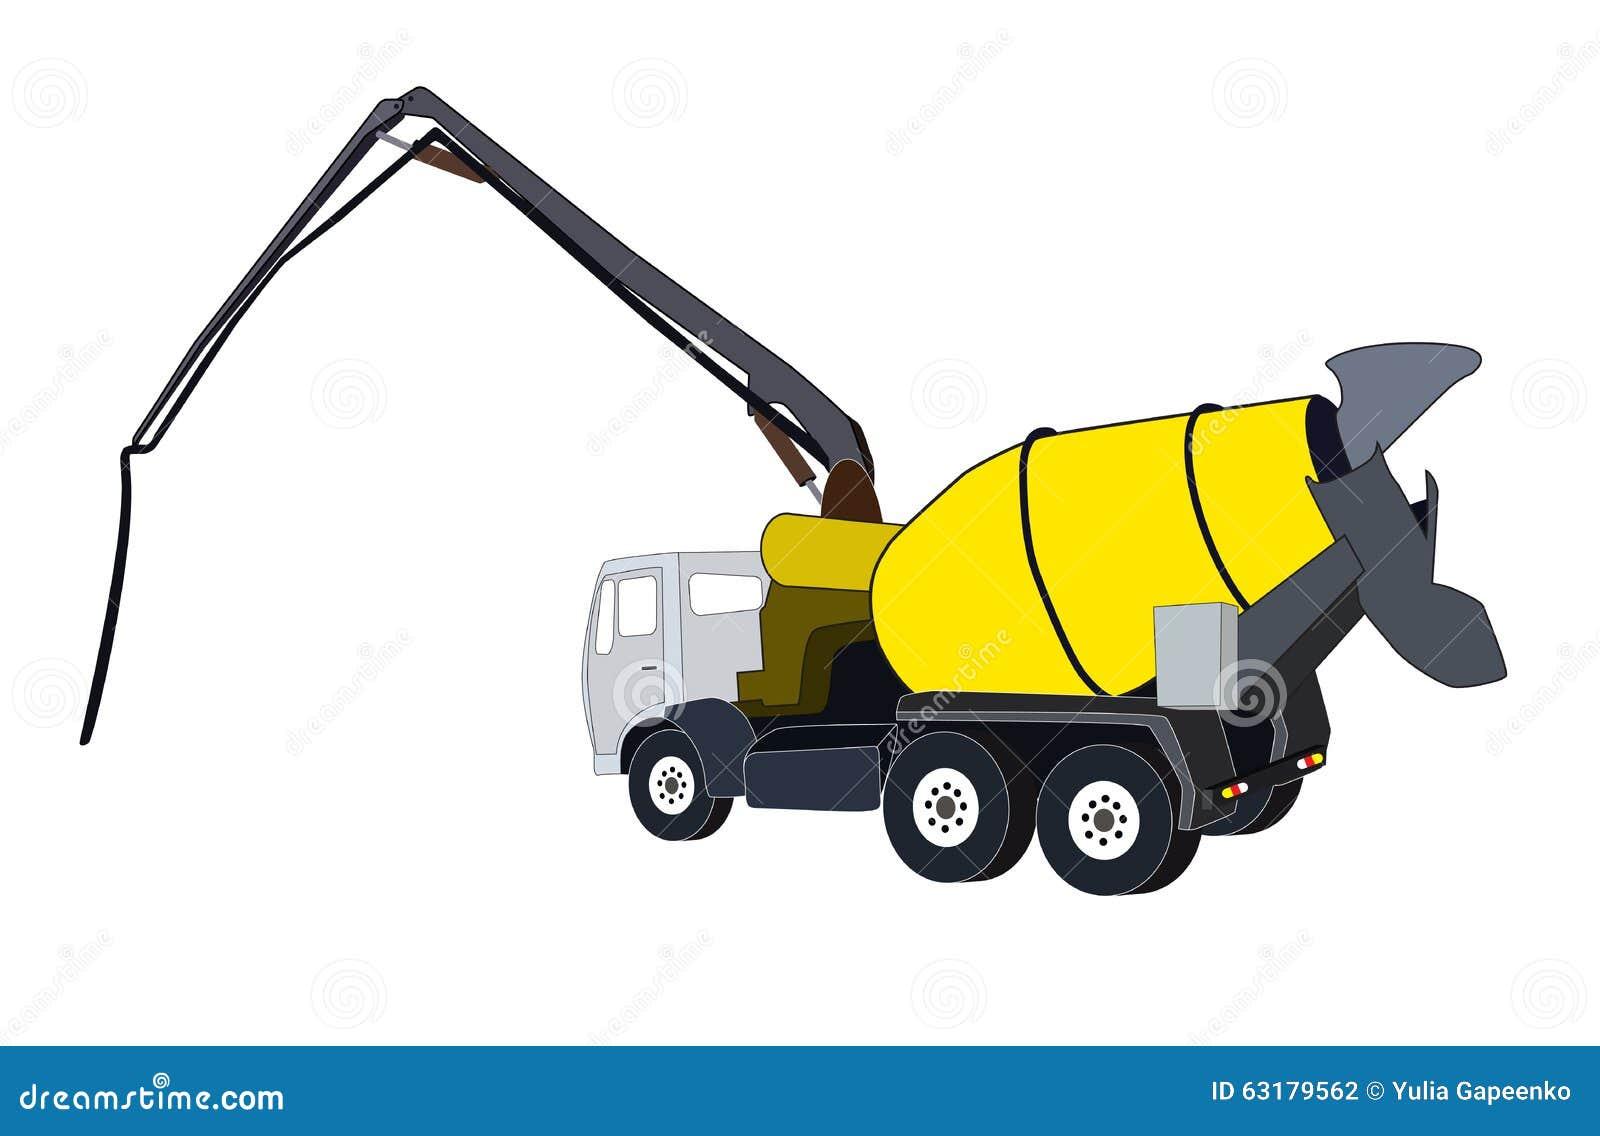 Concrete Clip Art : Machine concrete pump vector illustration stock